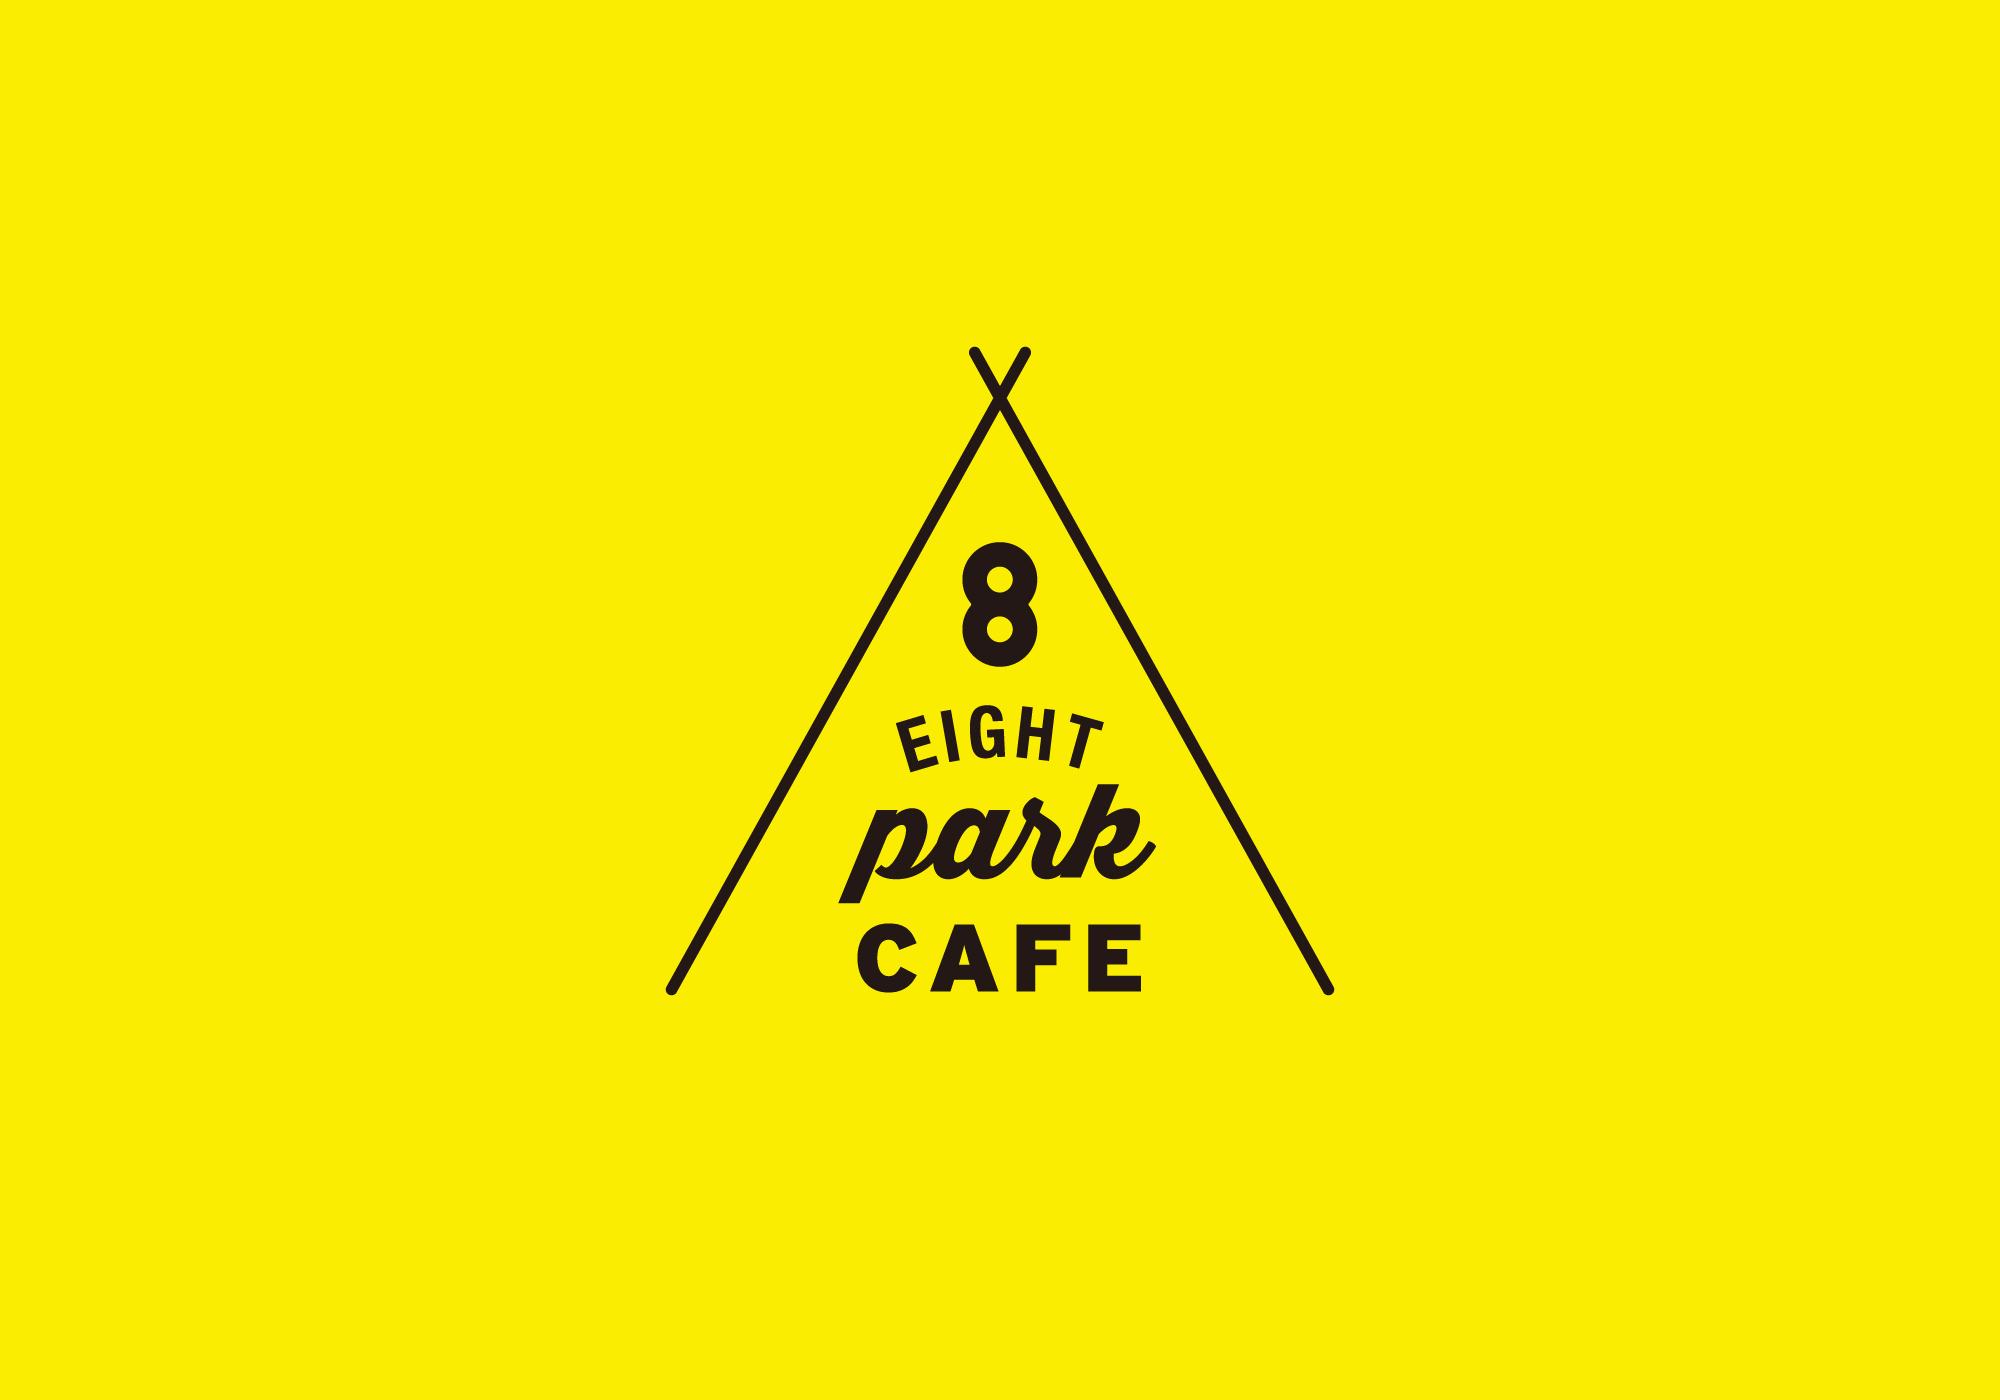 エイトパークカフェ ブランド終了のお知らせ